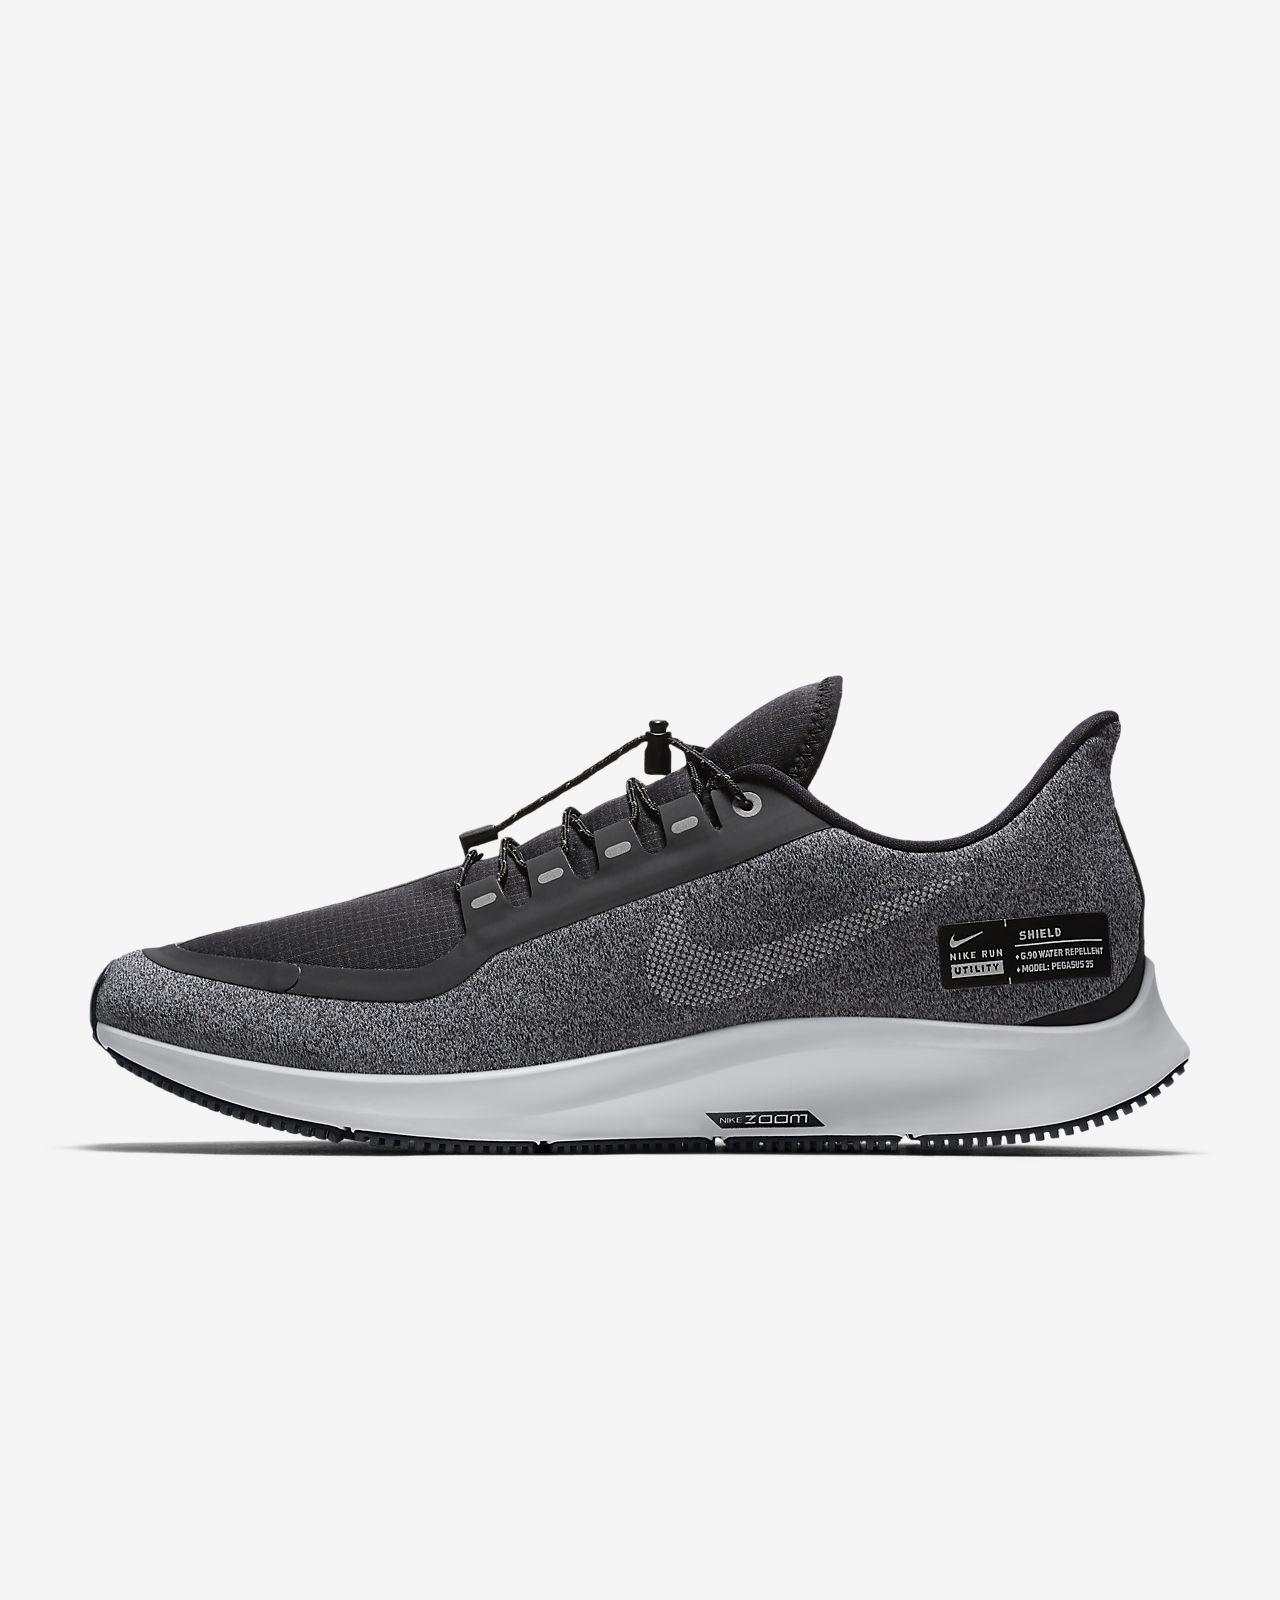 9a7101cbc812 Мужские беговые кроссовки Nike Air Zoom Pegasus 35 Shield Water-Repellent